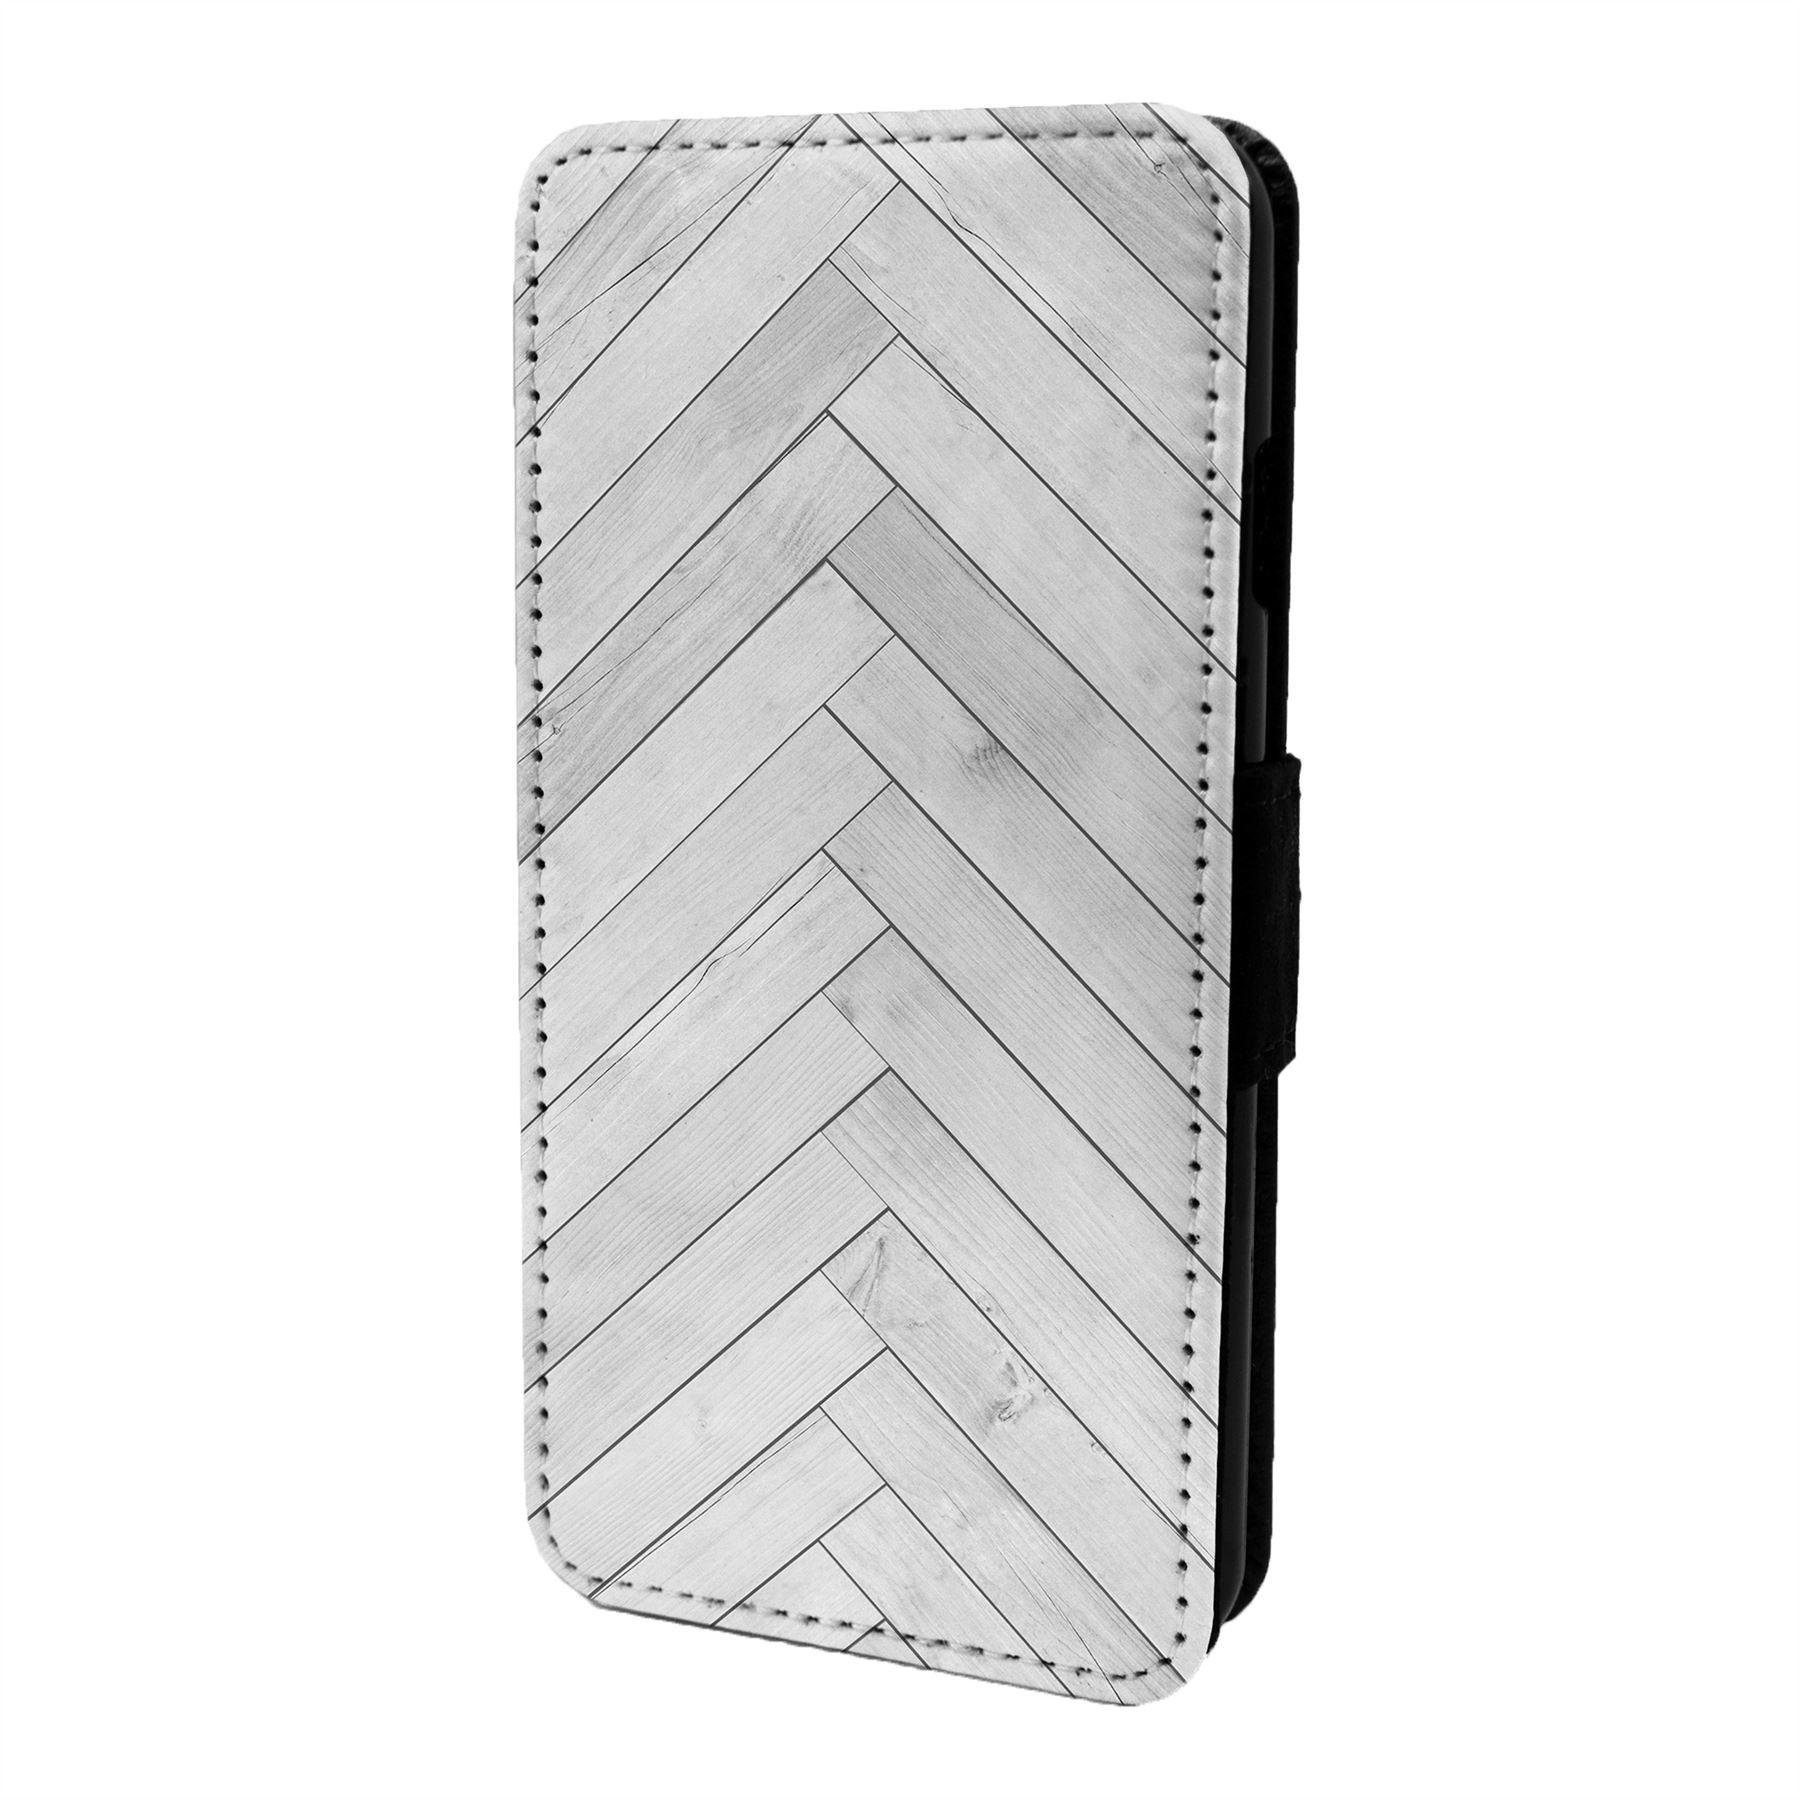 Espiguilla-Chevron-Estampado-Funda-Libro-para-Telefono-Movil-S6806